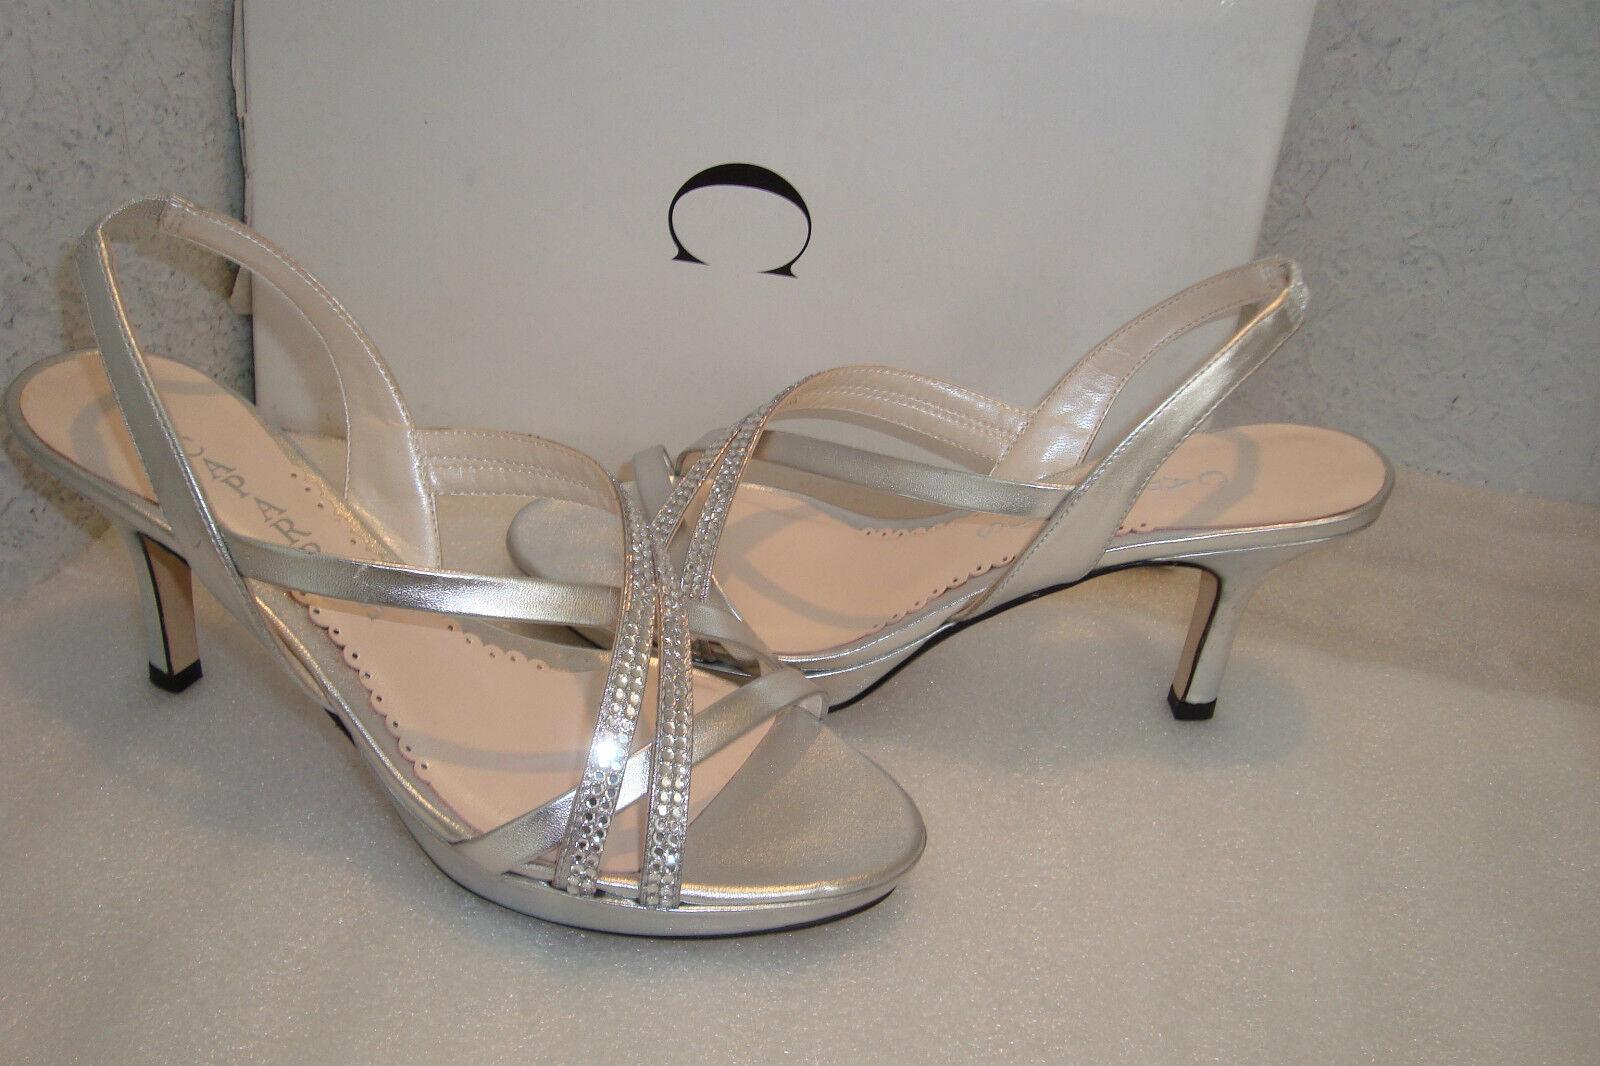 Caparros para mujer Nuevo con Caja Yara Plata Plata Plata Metálico Sandalias Zapatos 6 MED Nuevo  ventas calientes